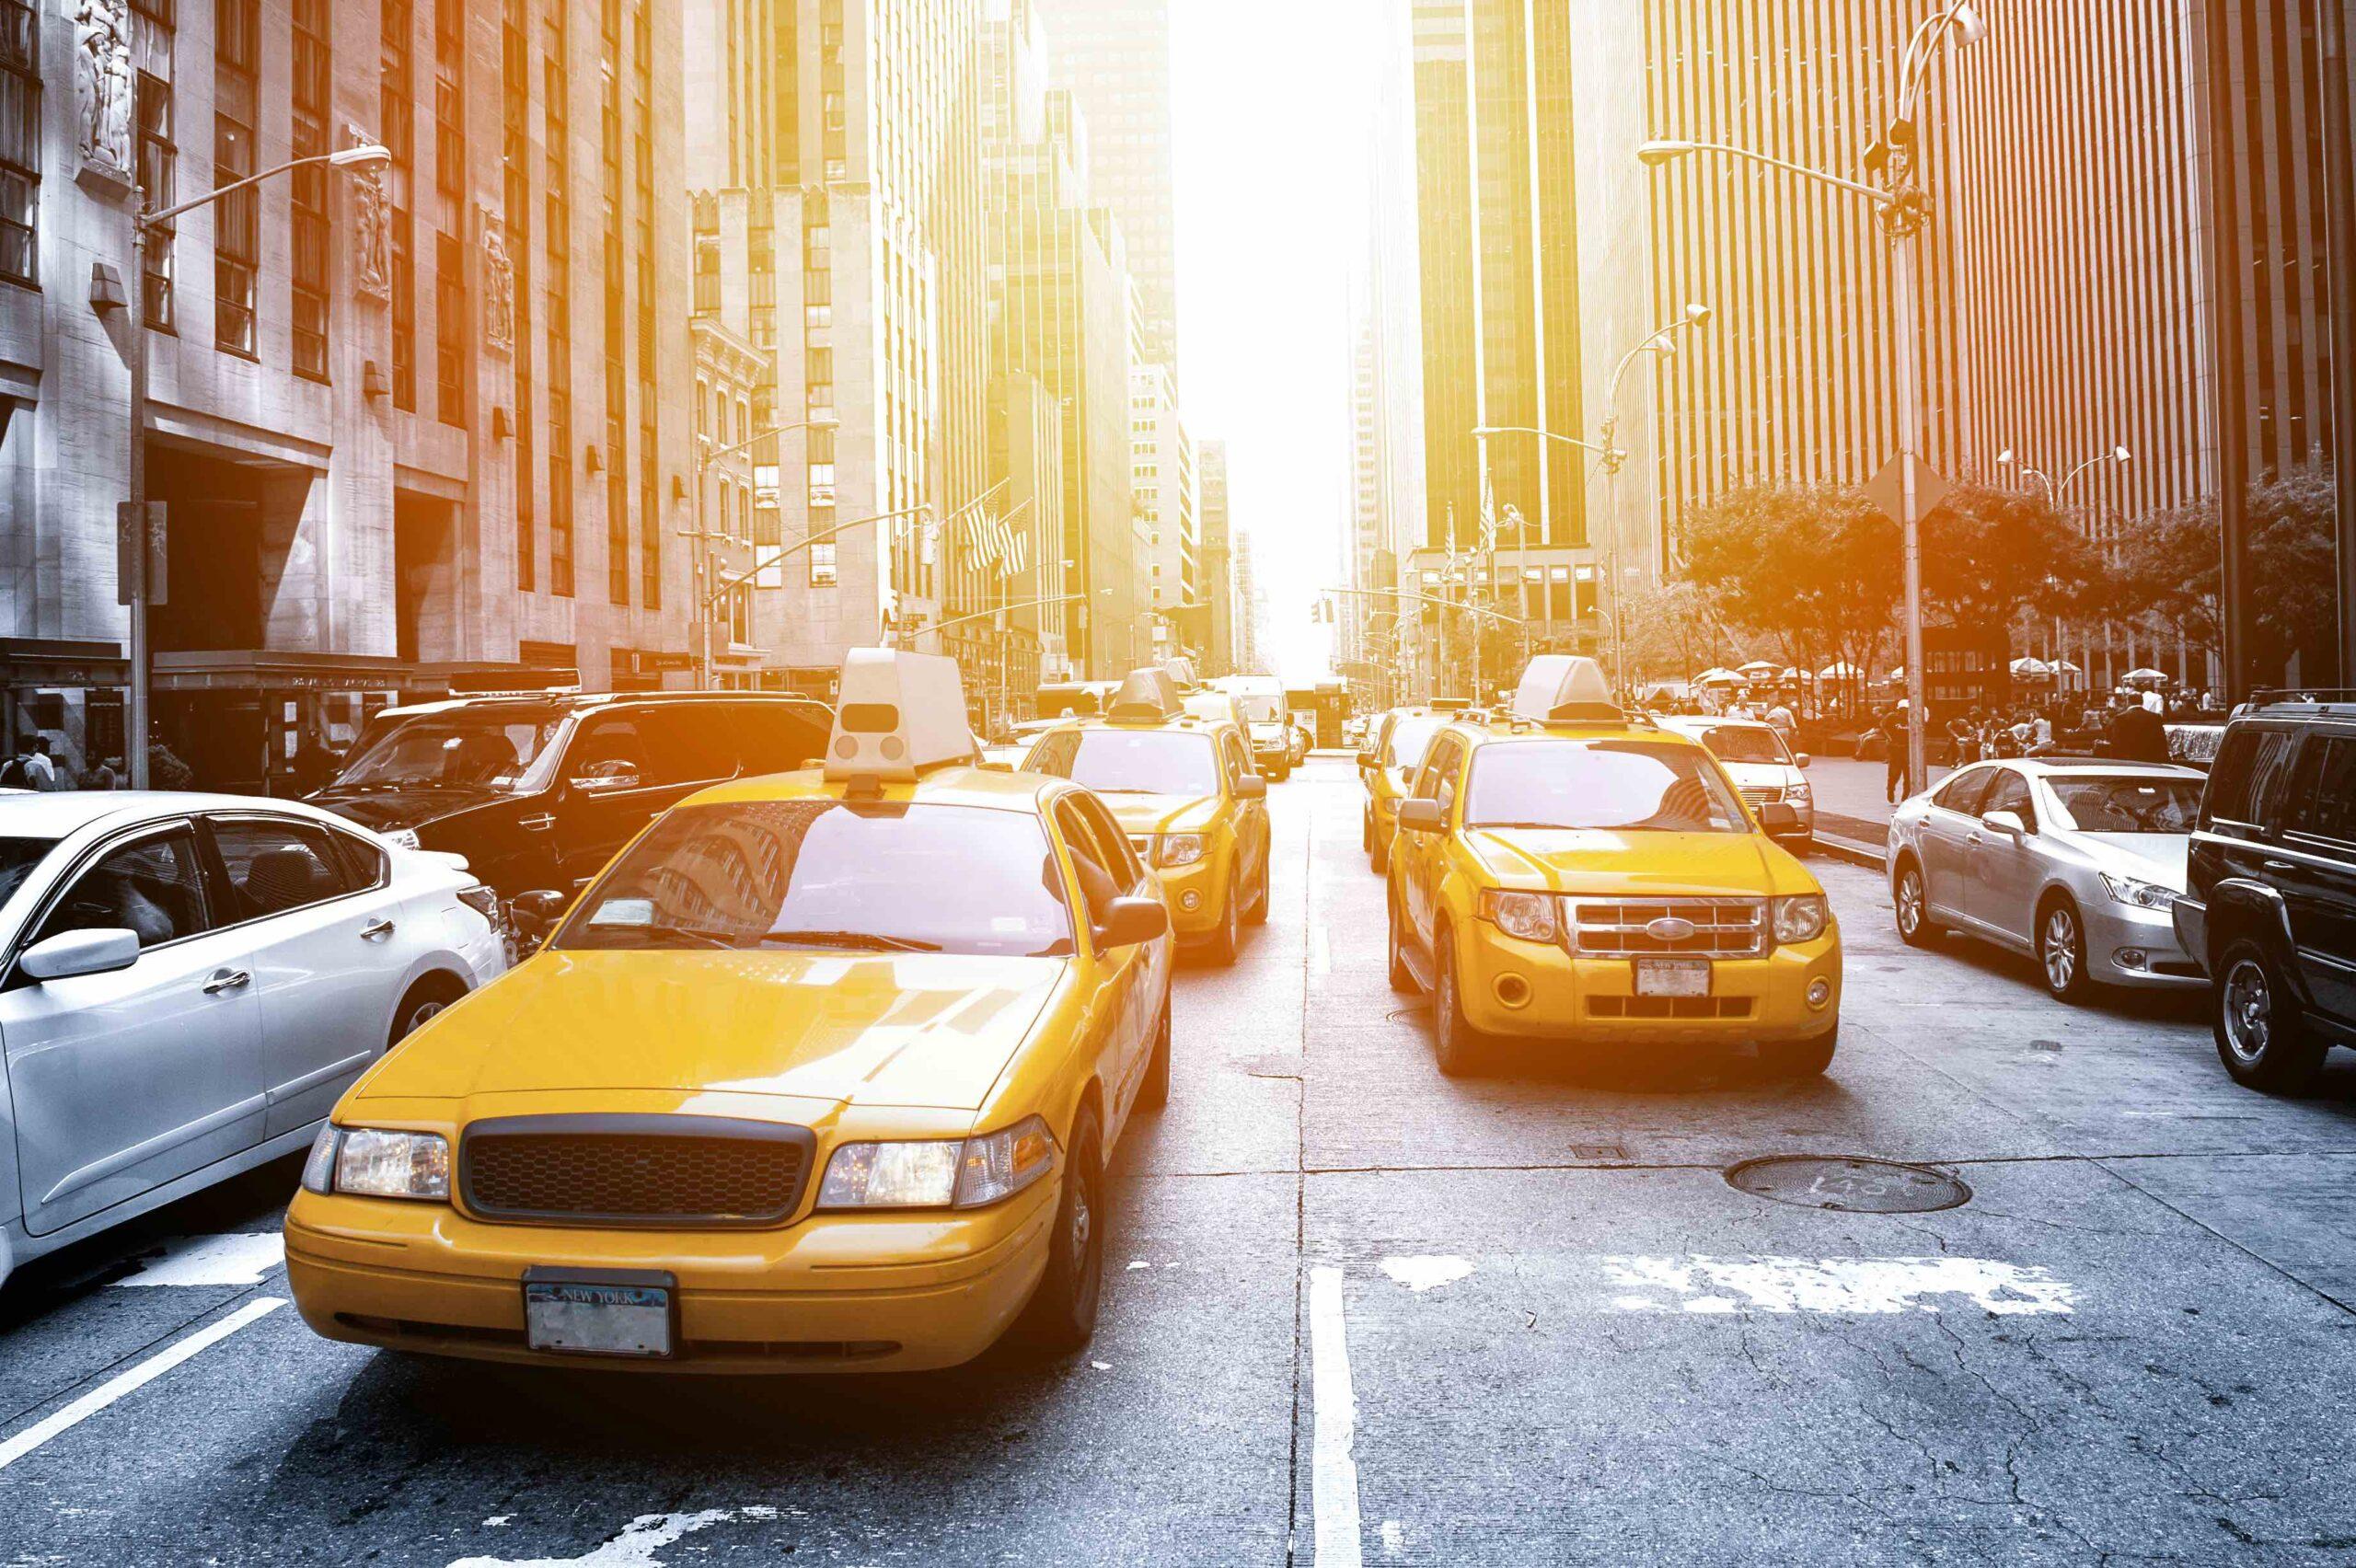 """Typisch deutsch: """"Taxi Taxi!"""" Der Deutsche sitzt immer vorne"""